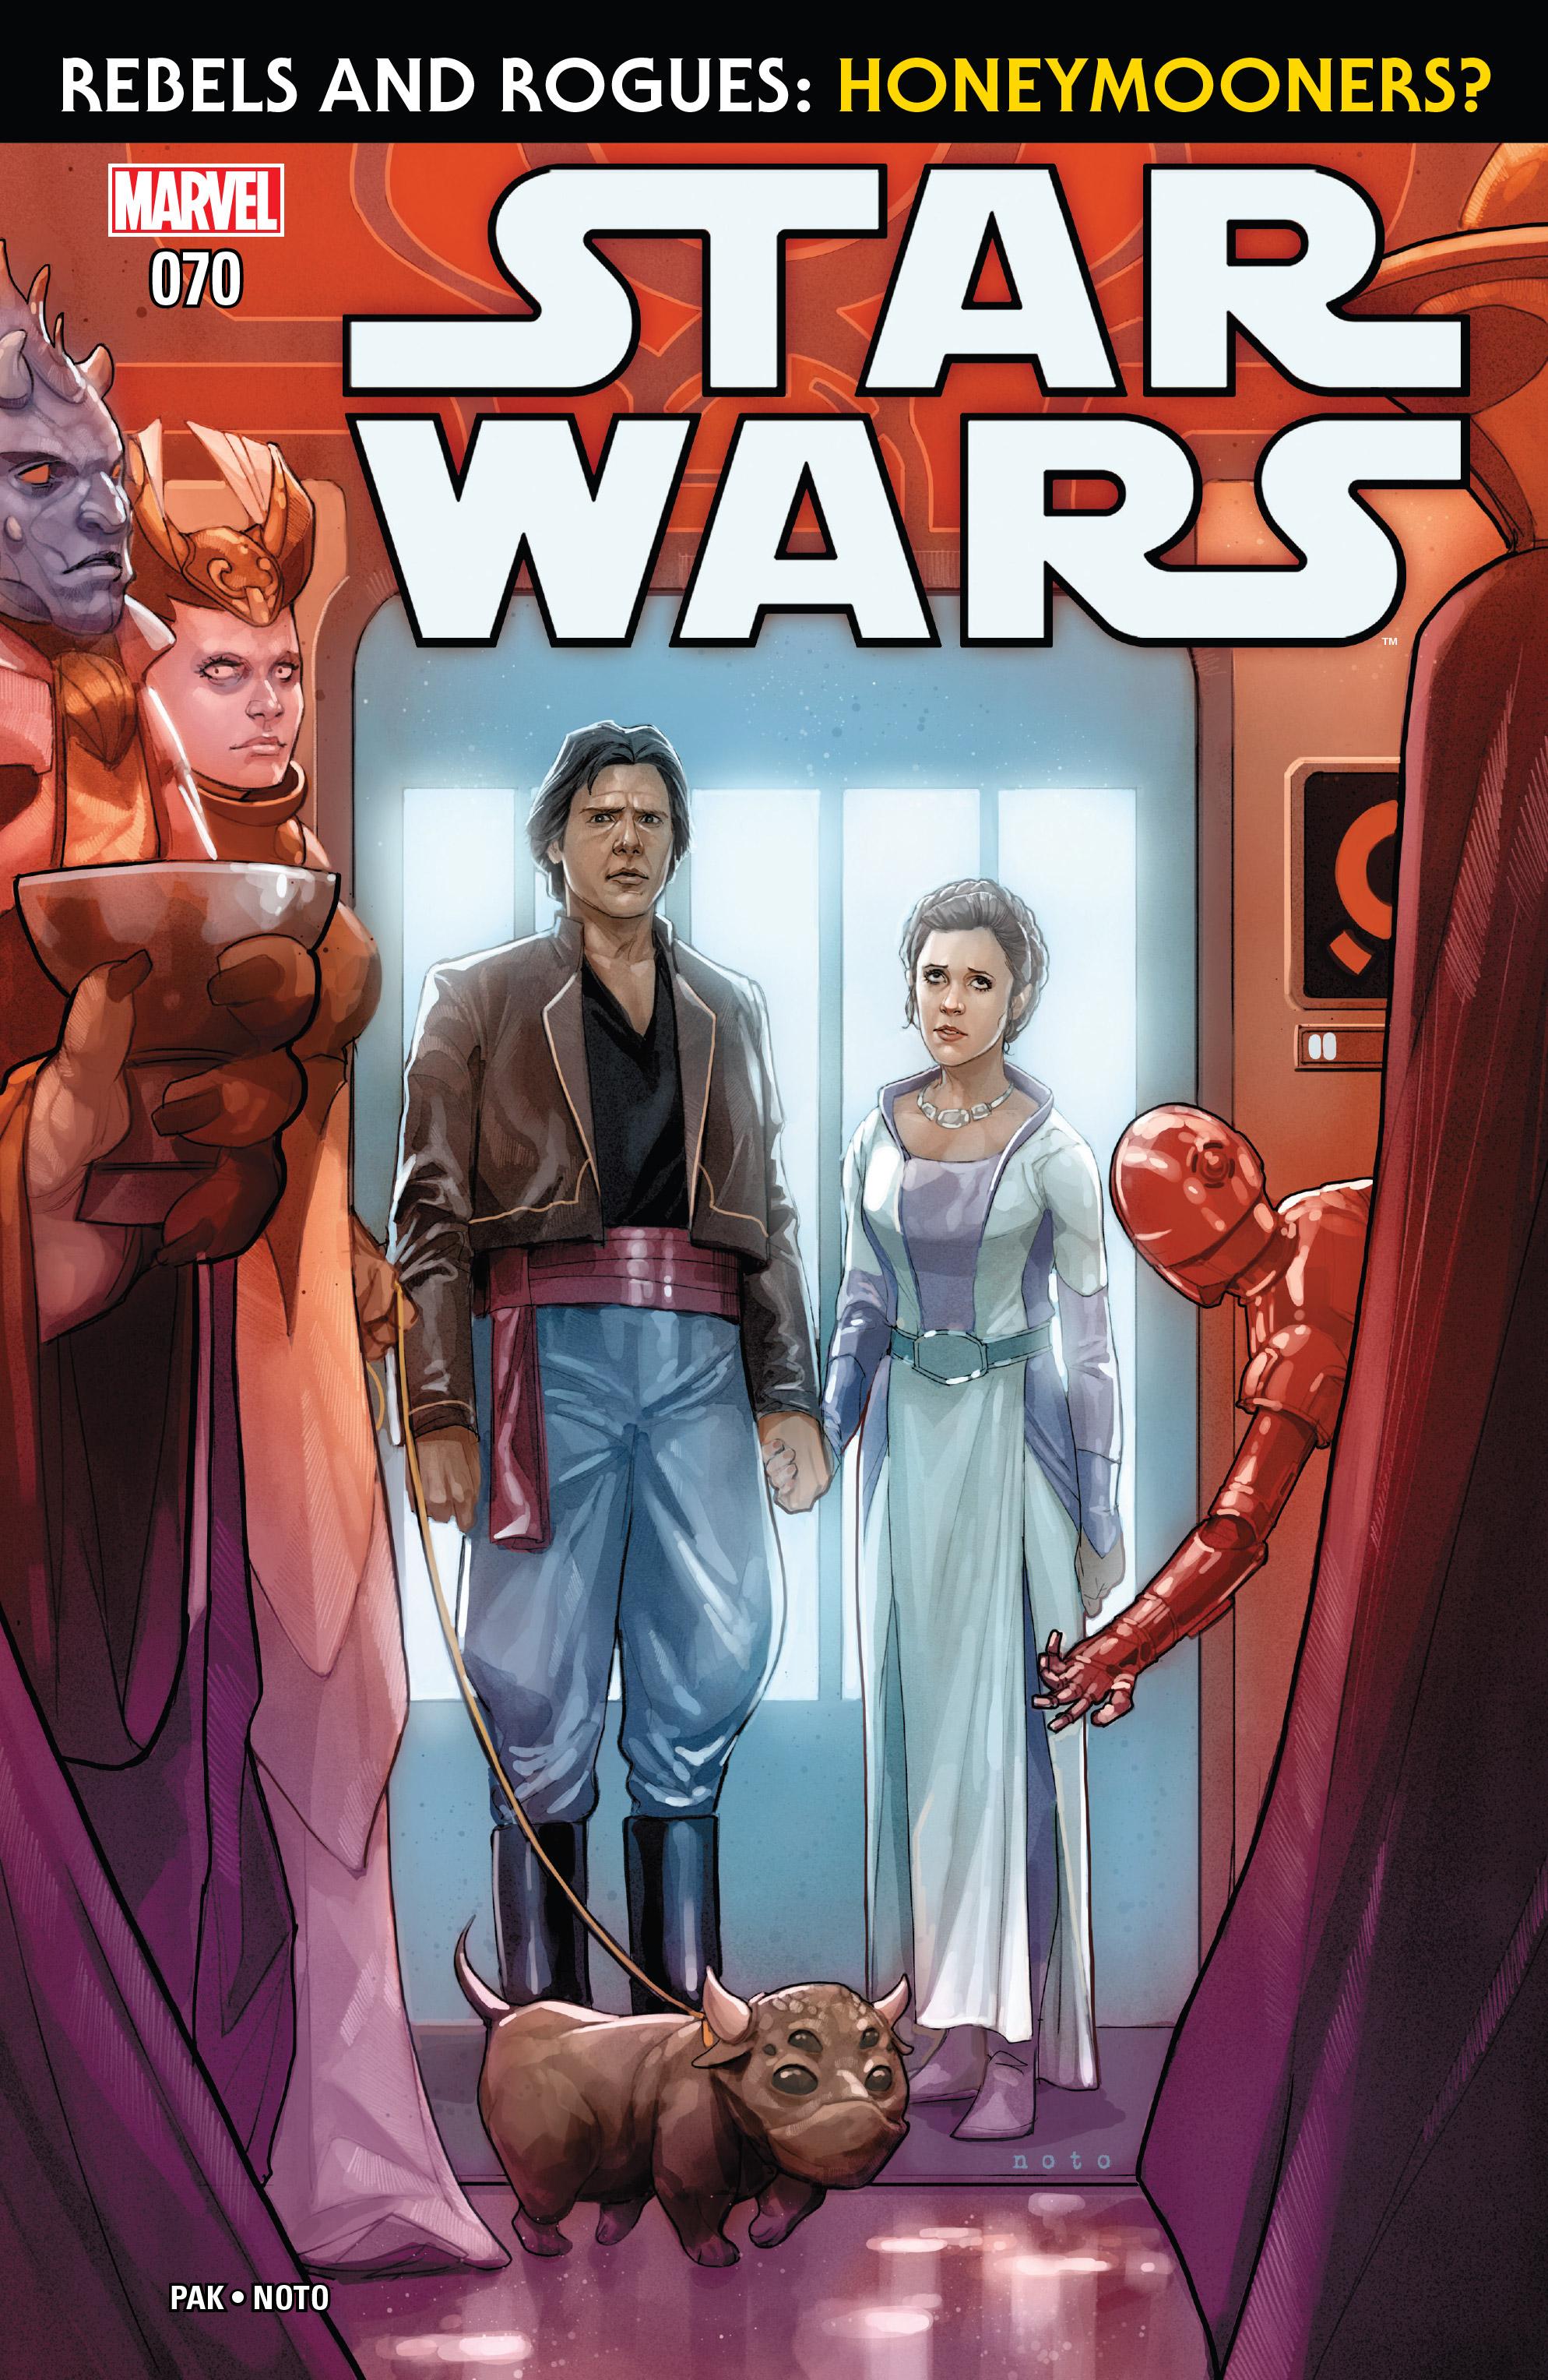 Звёздные войны 70: Мятежники и изгои, часть 3